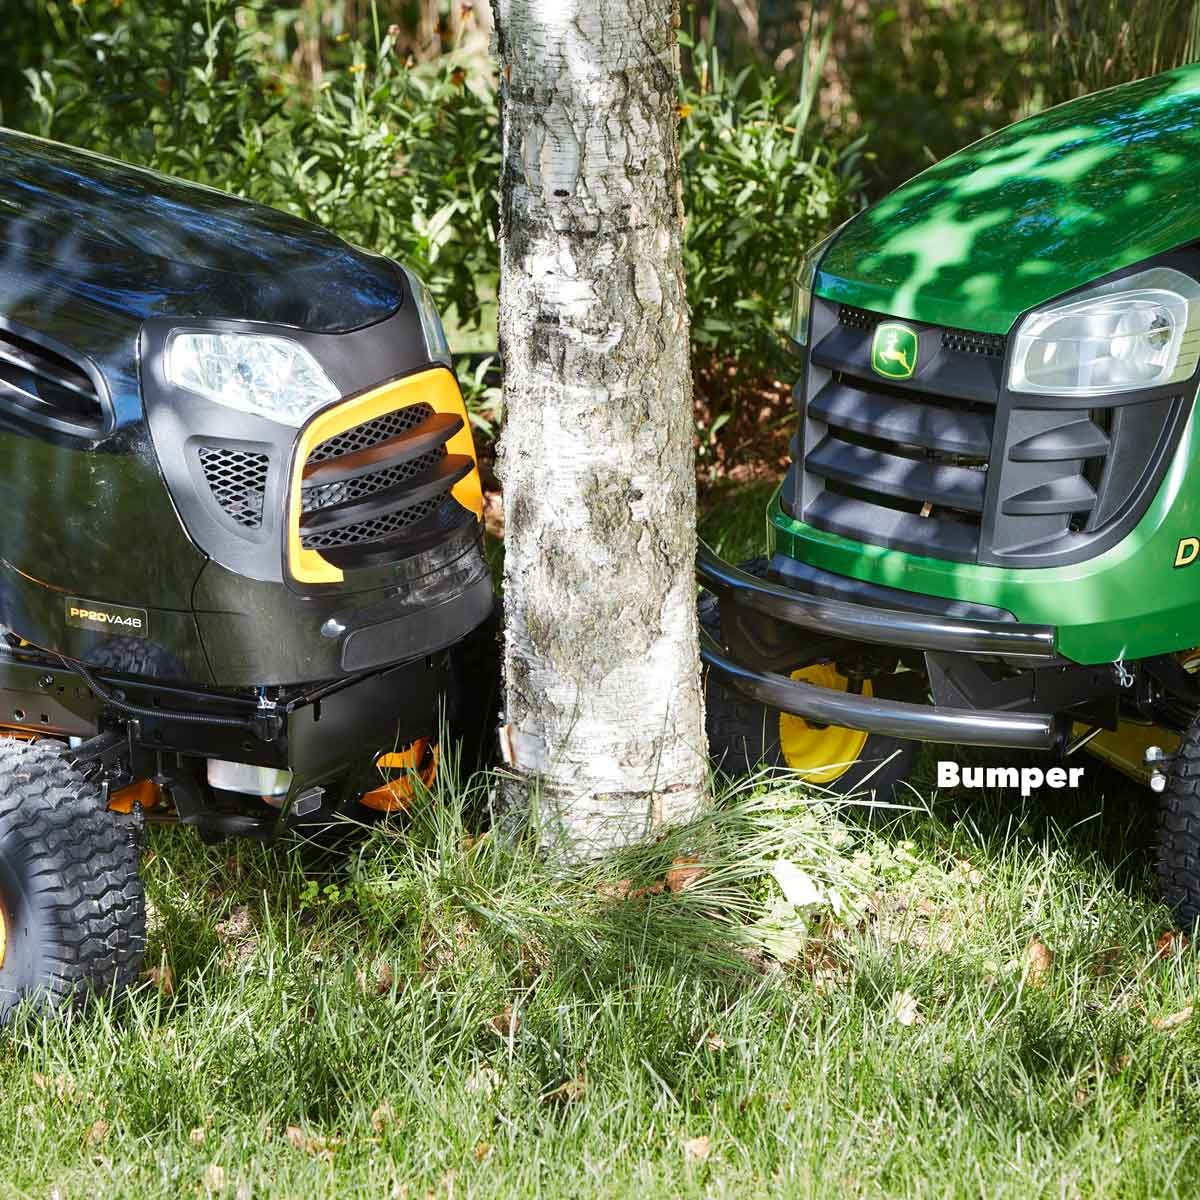 Lawn tractor bumper